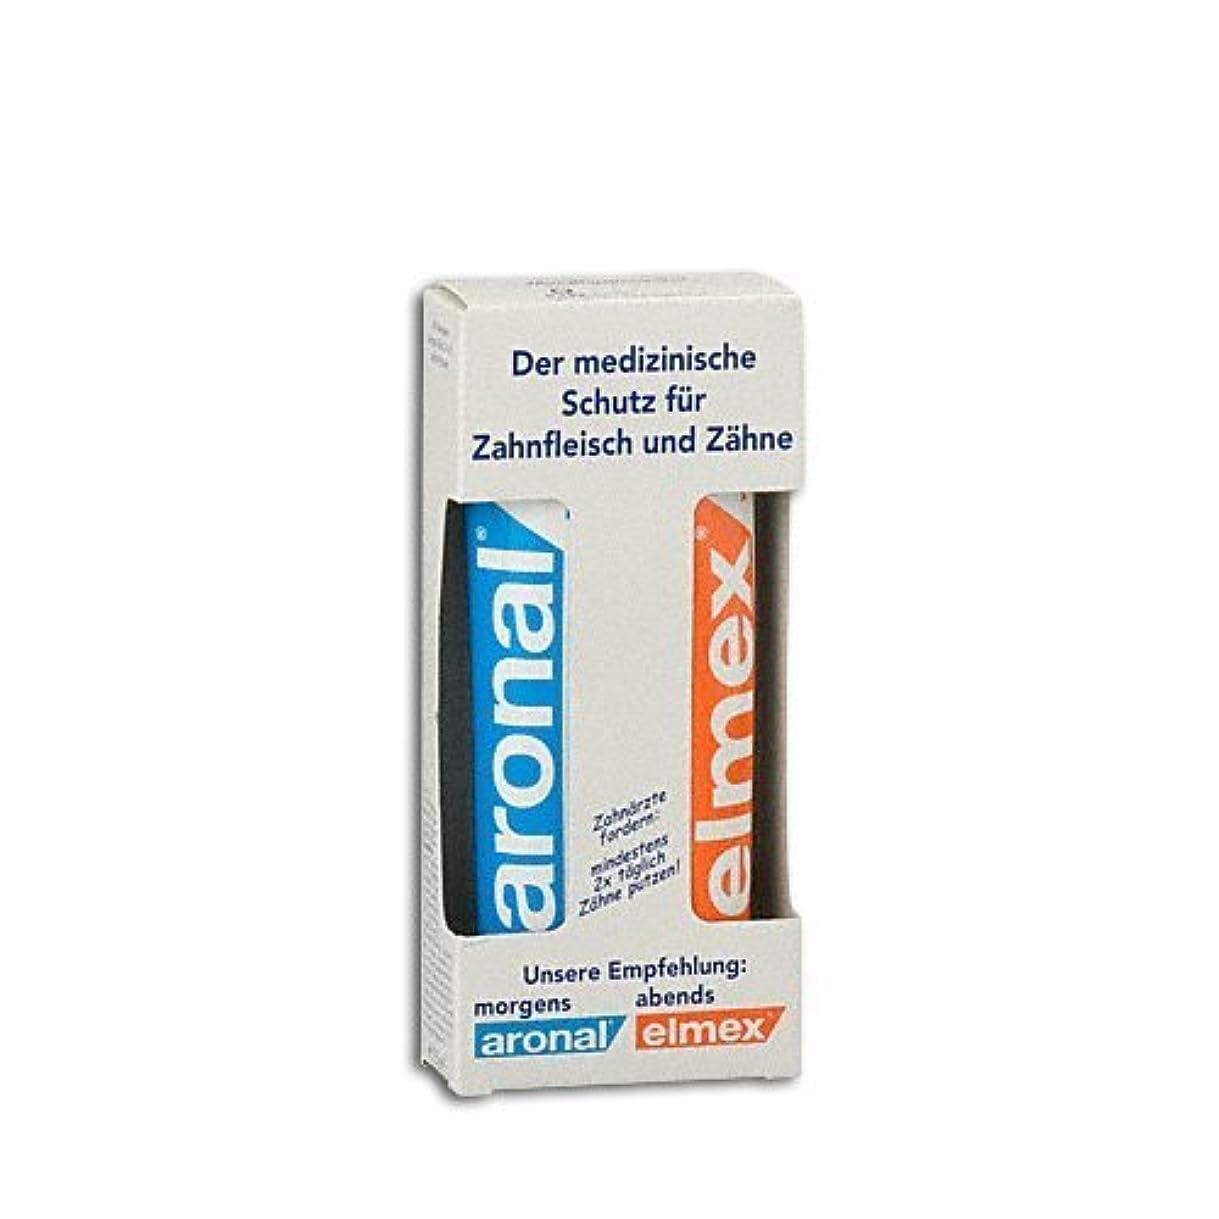 消費者幾分パンダアロナール&エルメックス 歯磨き粉セット(朝/夜) 75ml (aronal & elmex toothpaste set 75ml) 【並行輸入品】